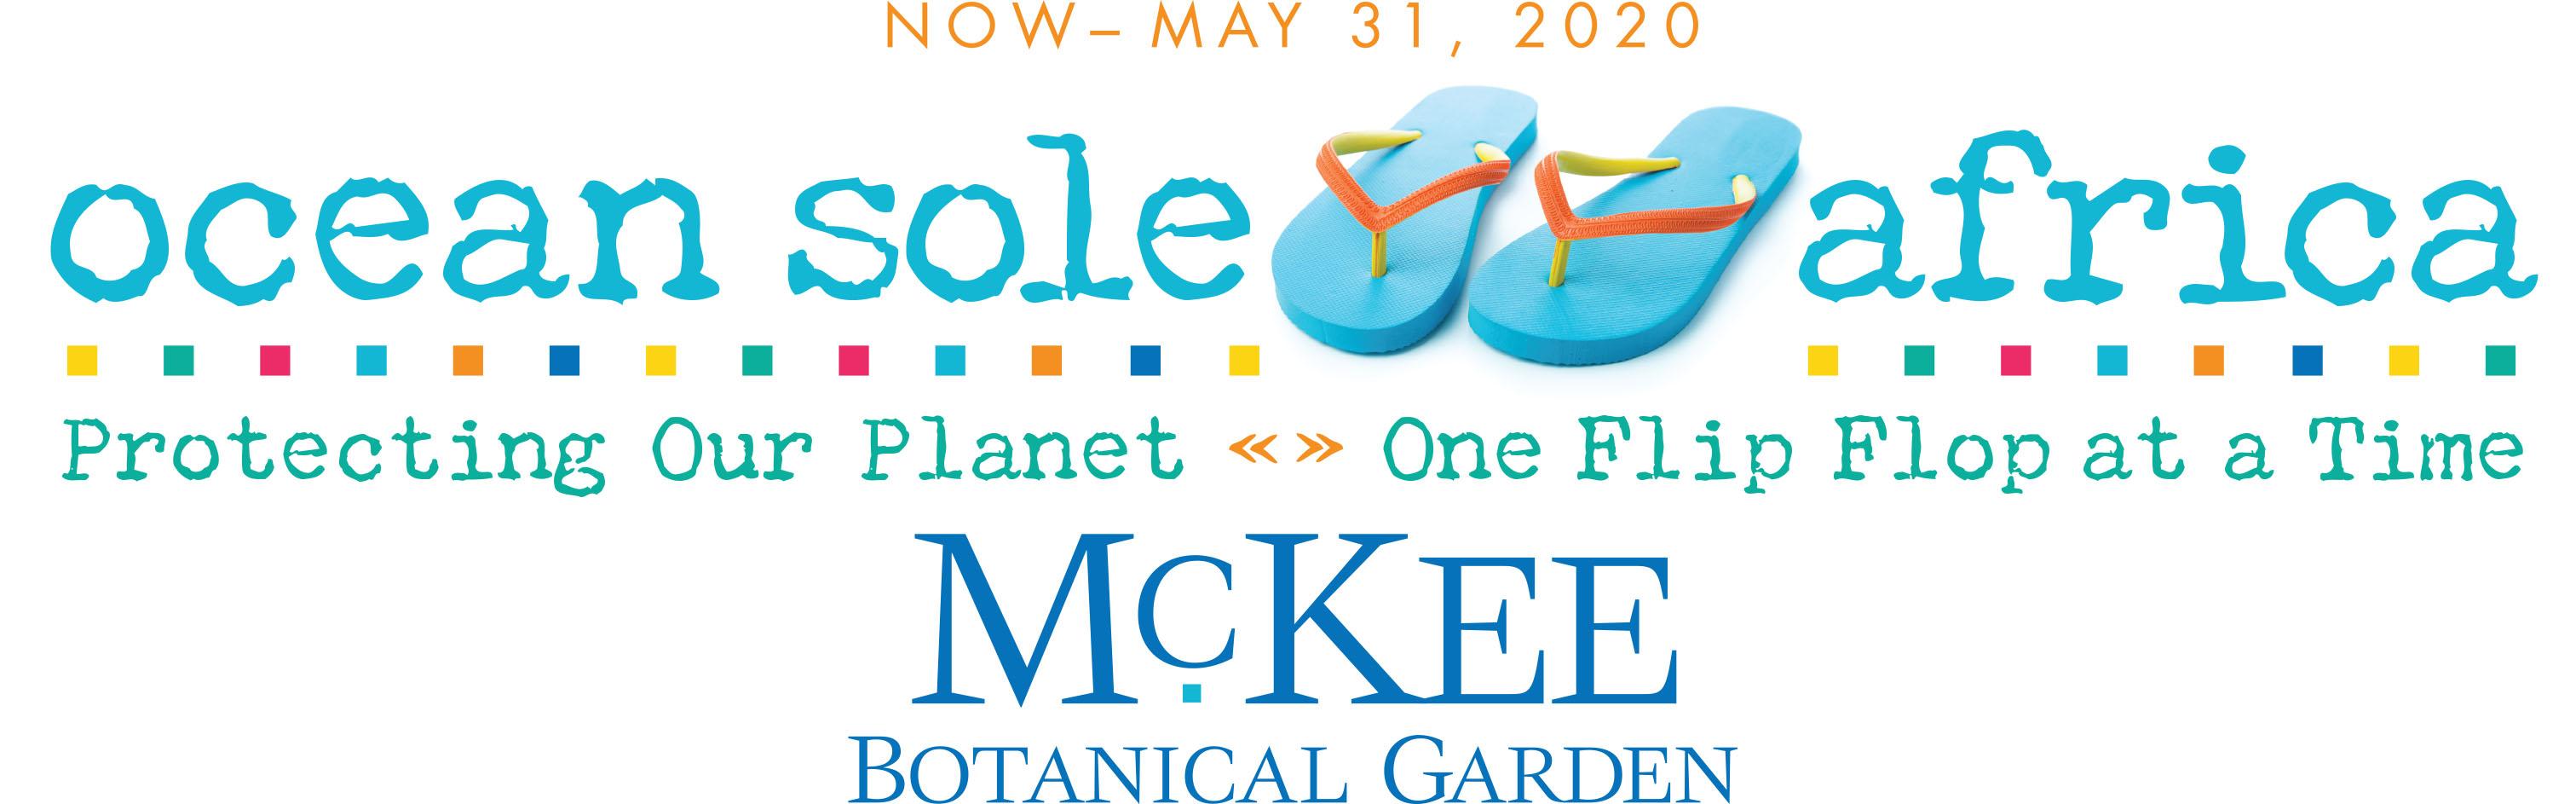 McKee-Ocean-Sole-Africa-XLg